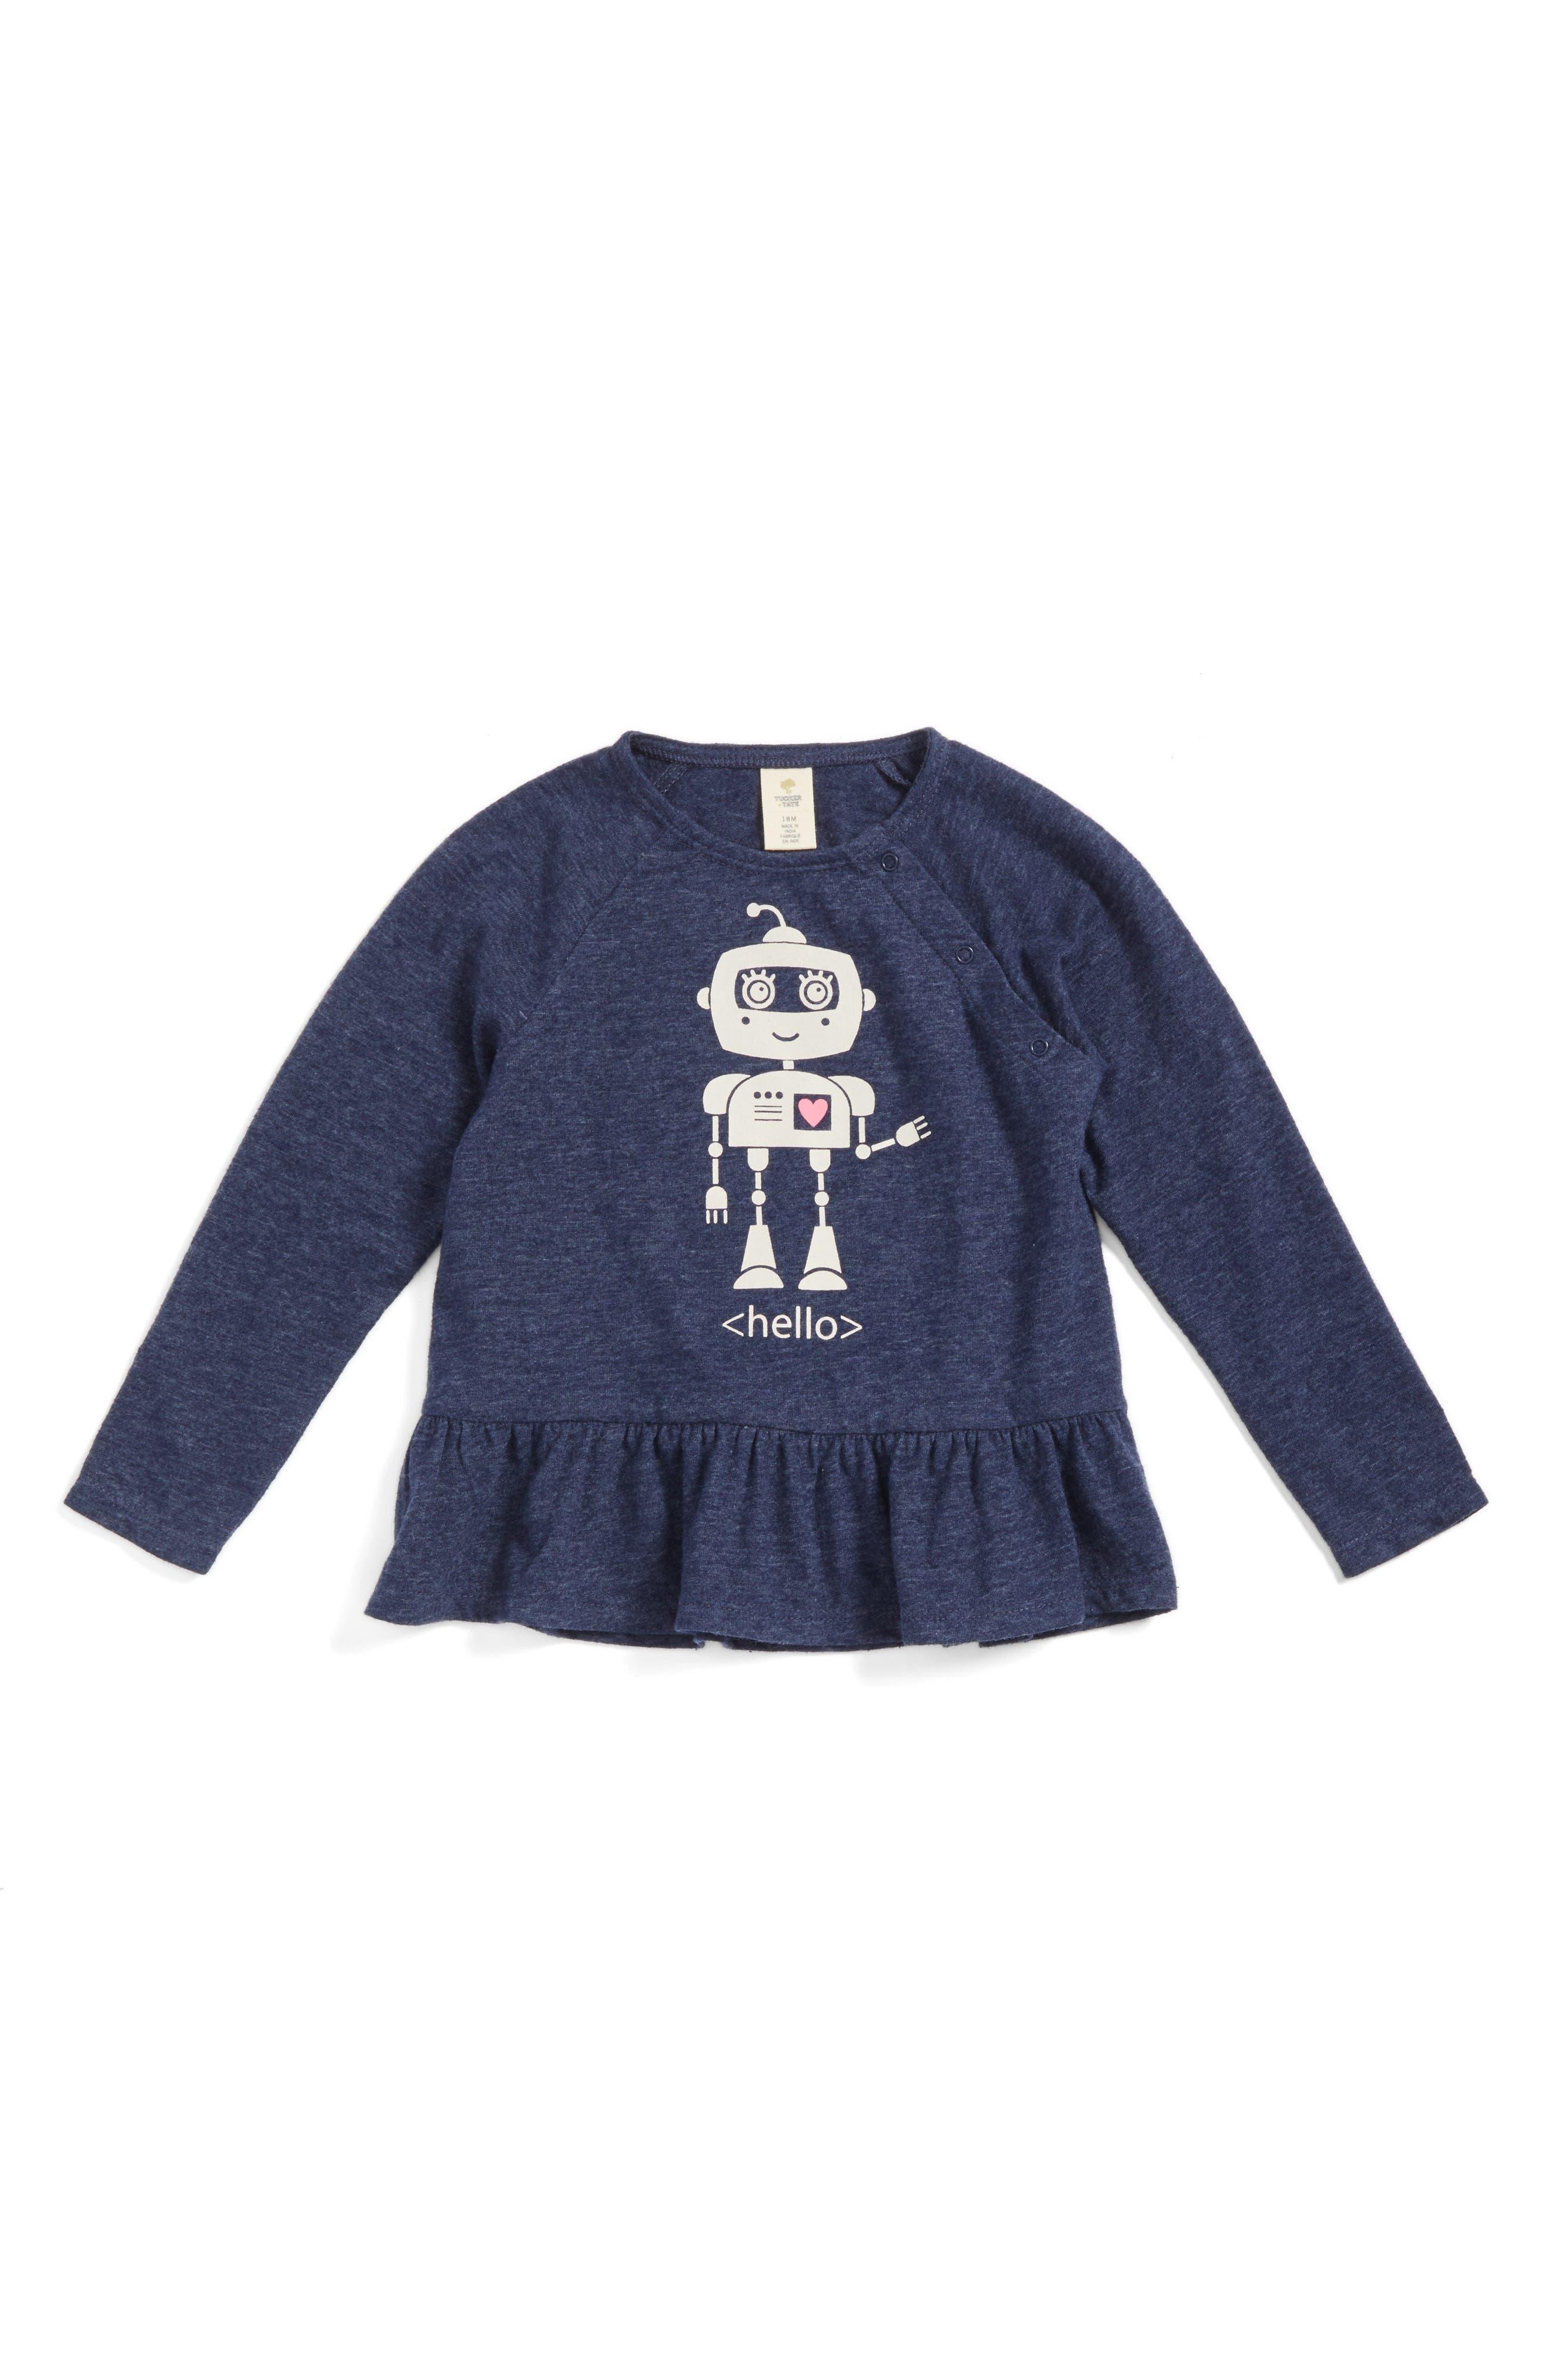 Alternate Image 1 Selected - Tucker + Tate Robot Graphic Peplum Tee (Baby Girls)